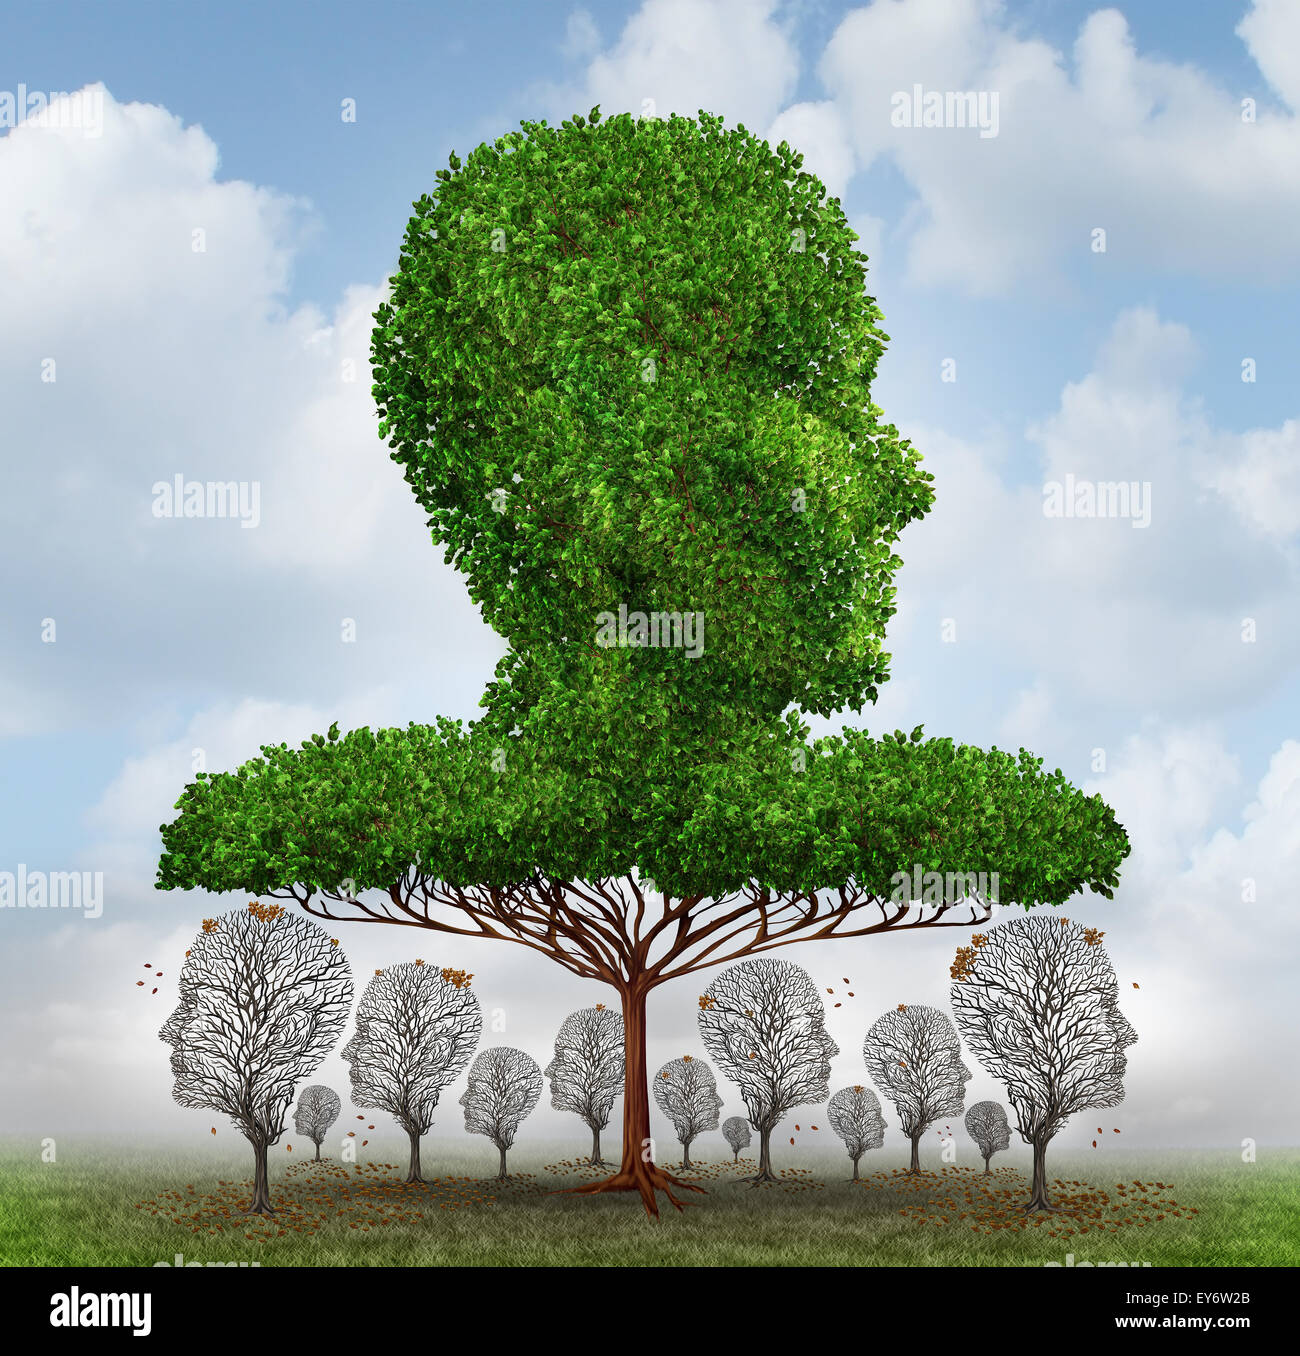 L'inégalité sociale concept comme un arbre géant en forme de tête humaine bloquant la lumière Photo Stock